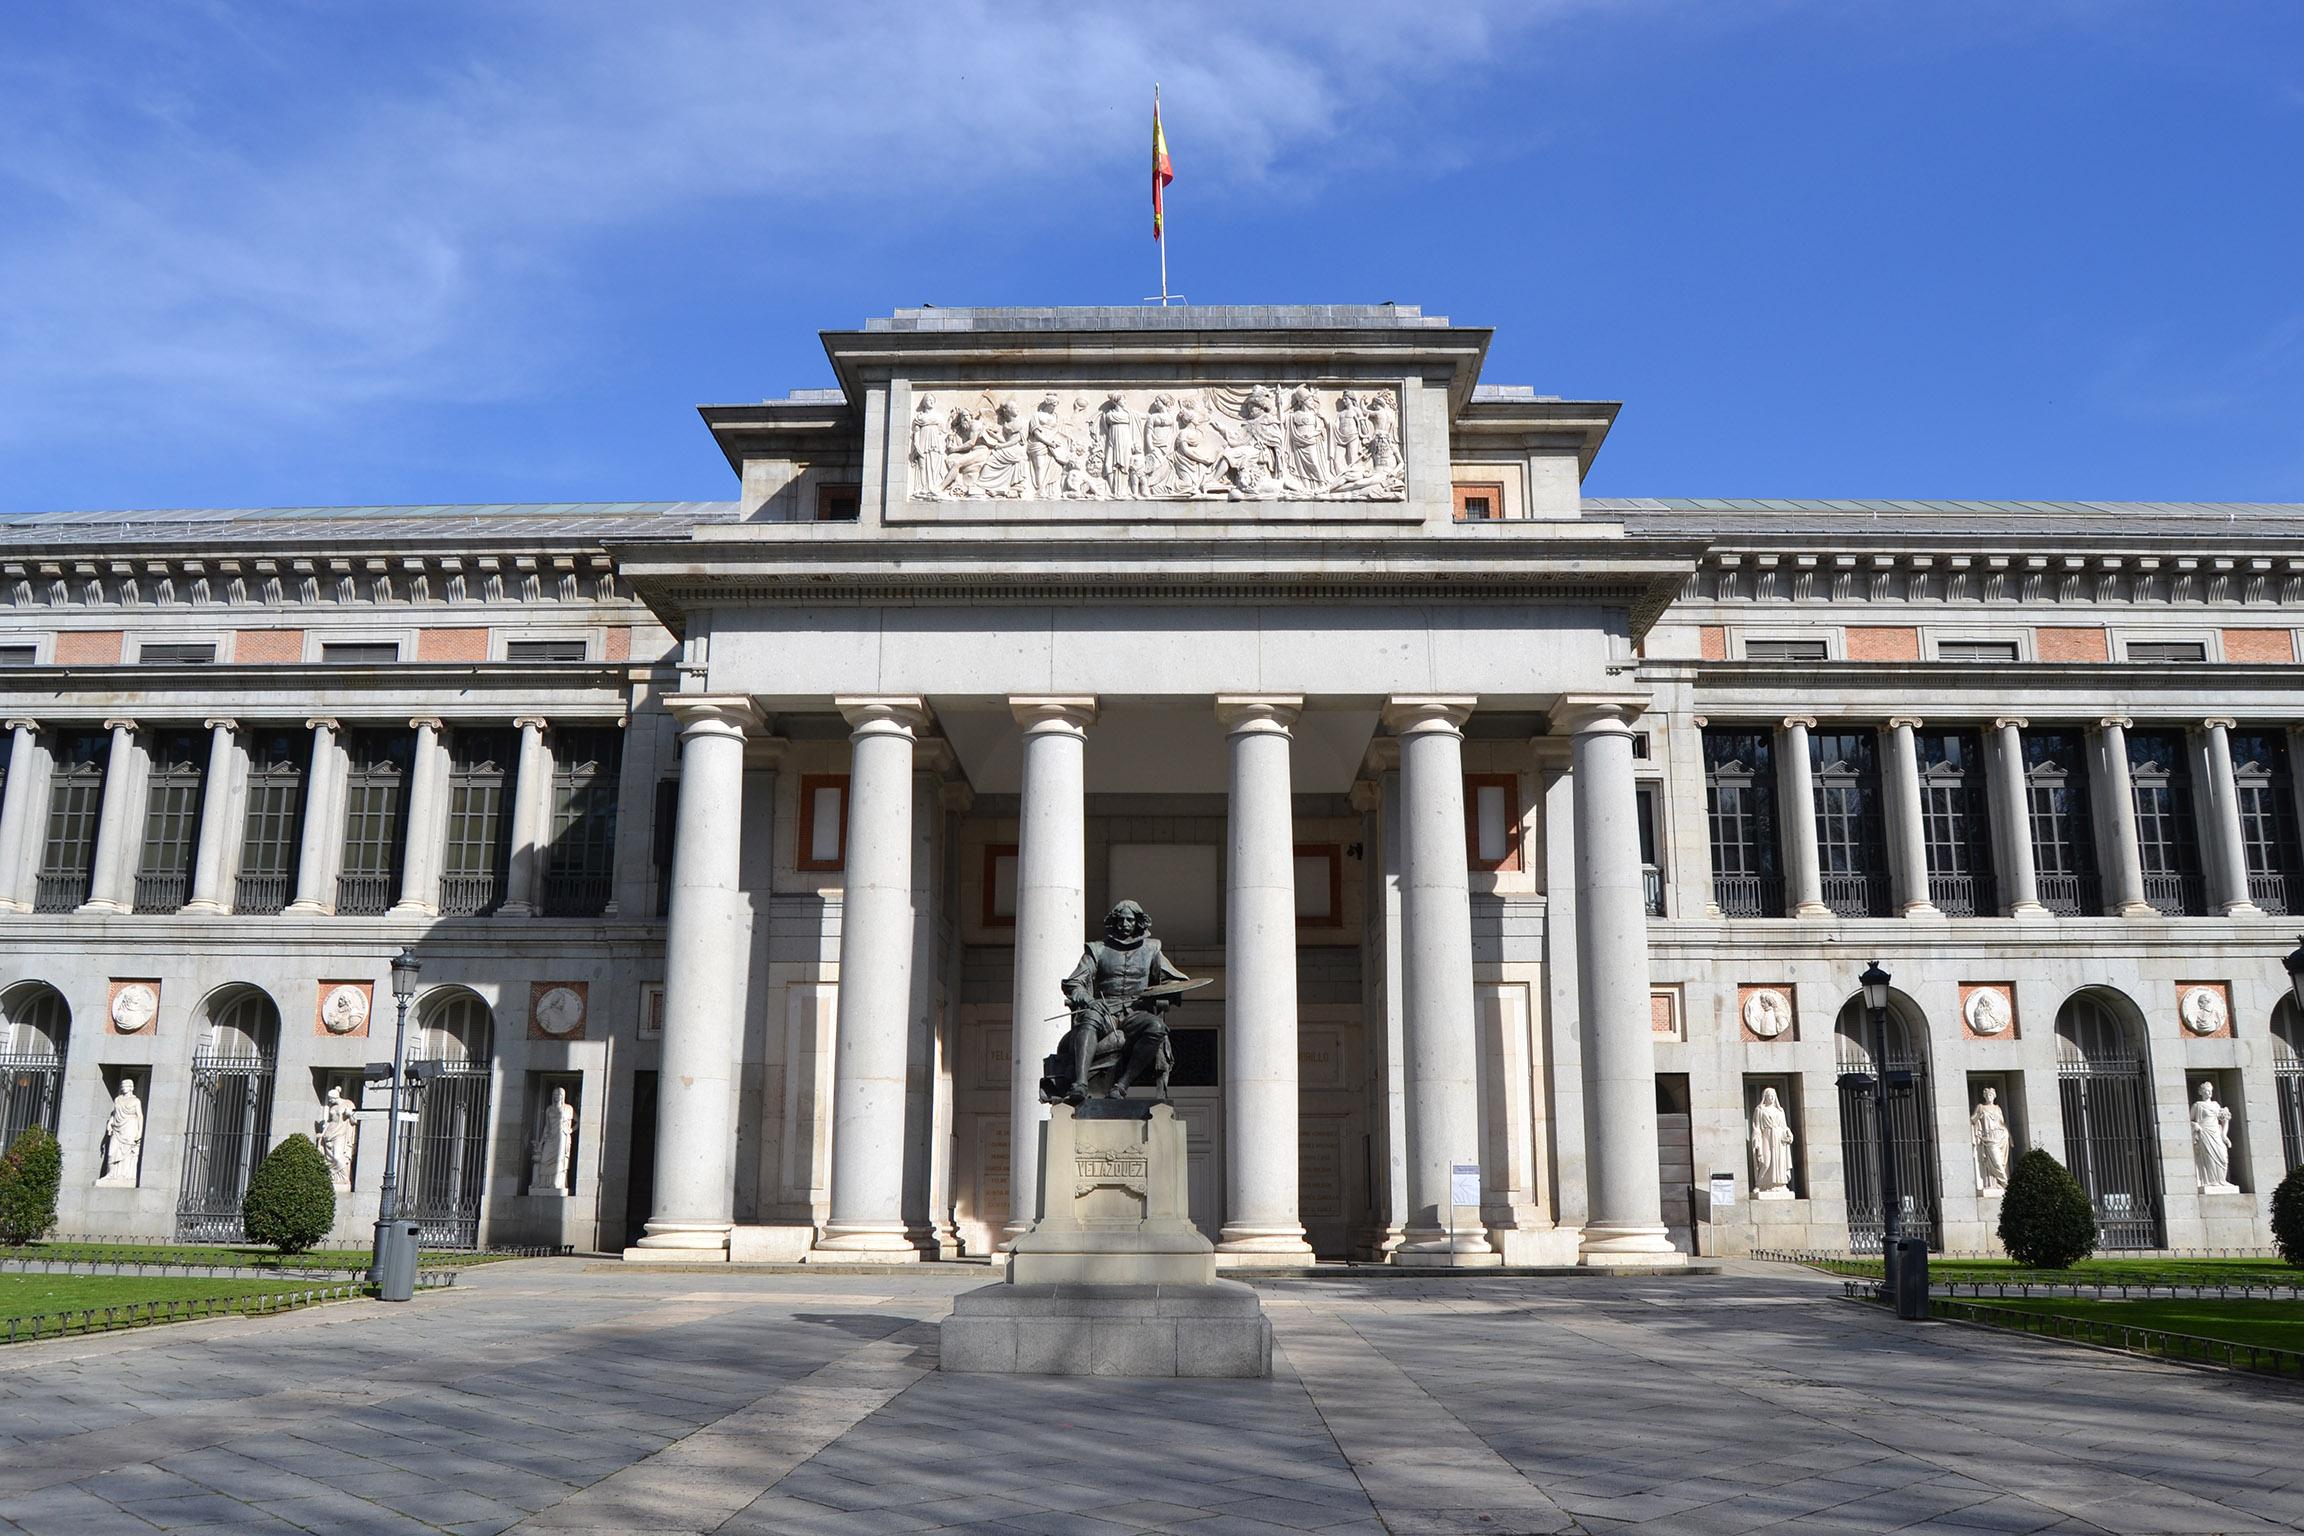 BICENTENARIO MUSEO NACIONAL DEL PRADO